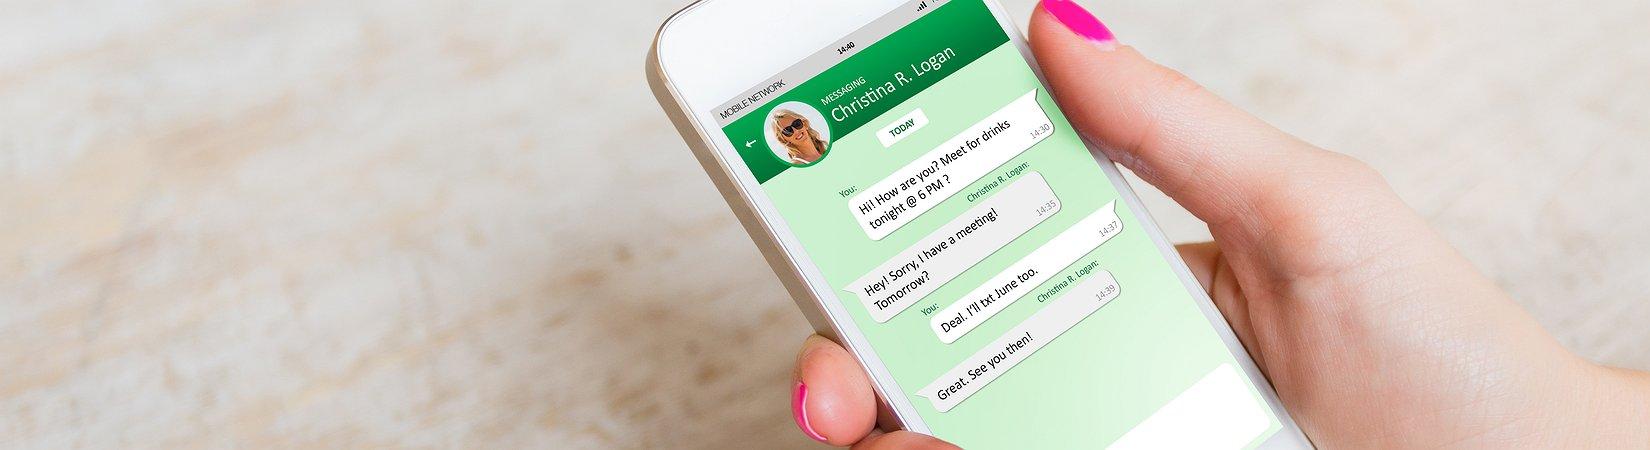 El traductor de Google llega a WhatsApp